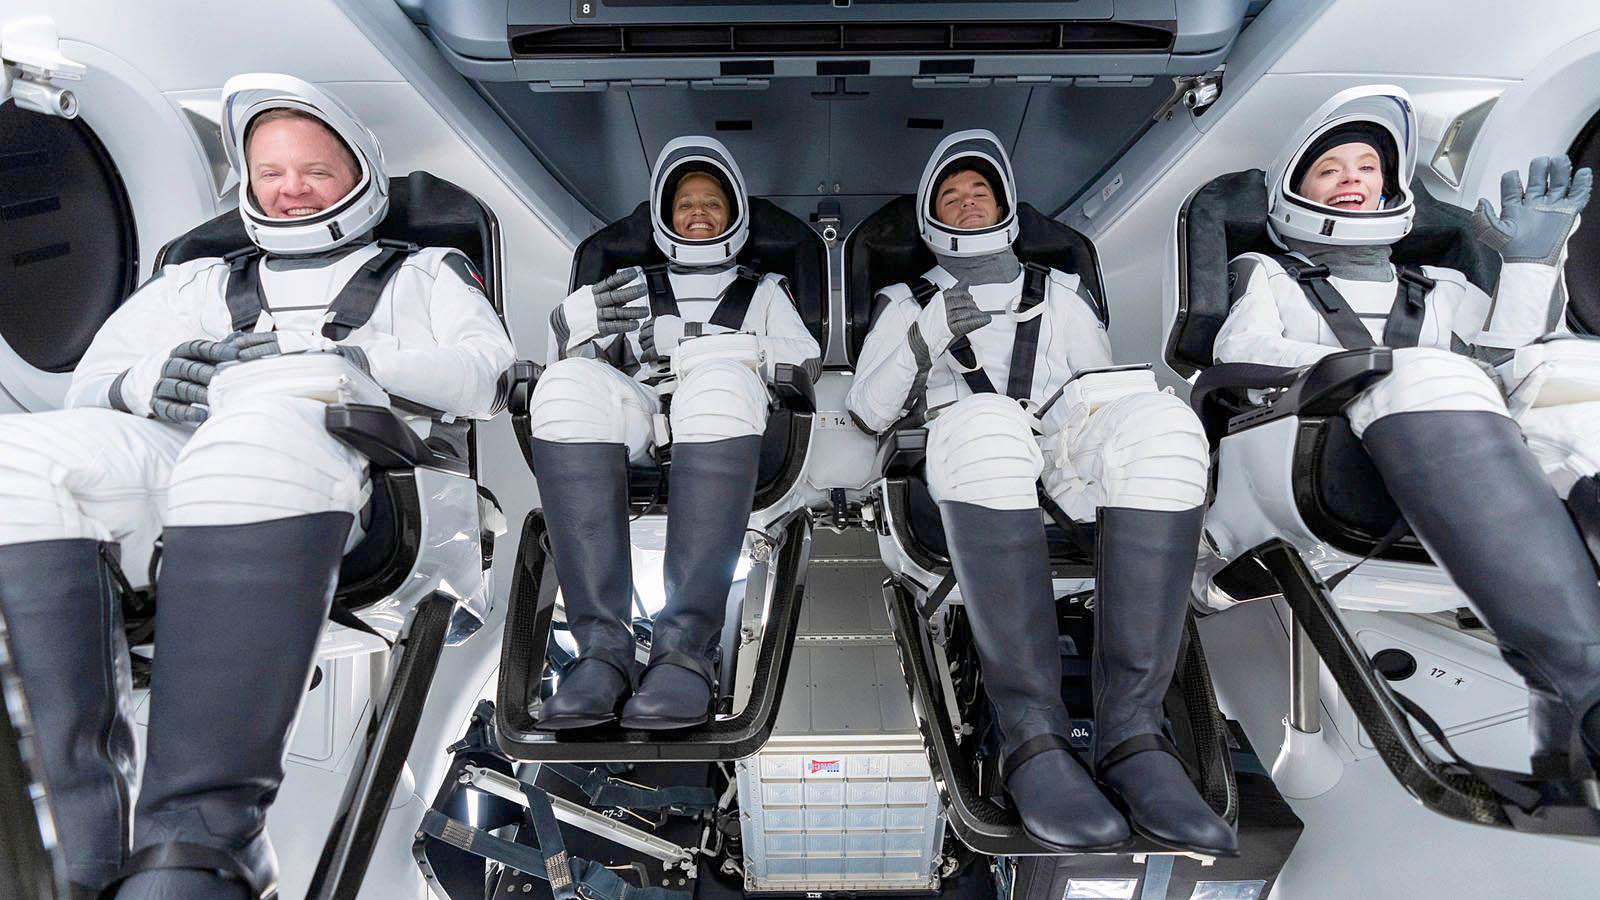 spacex-dragon-capsule.jpg